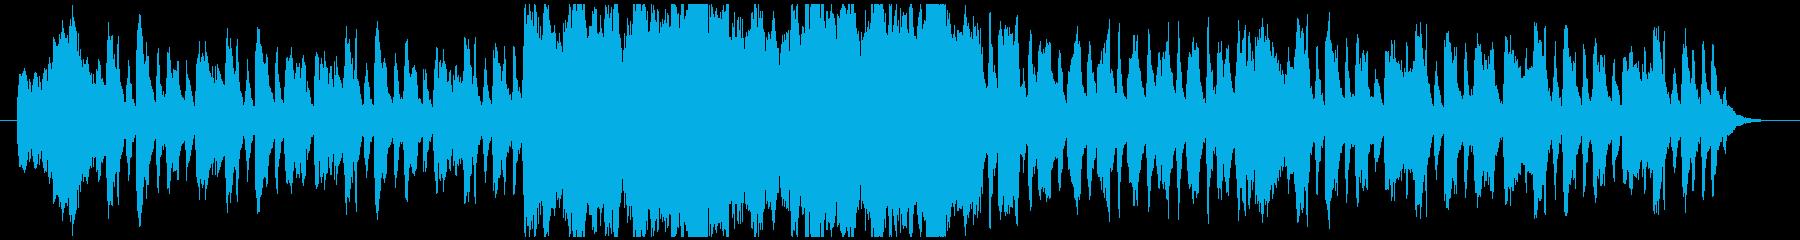 フルートとストリングスの可愛いワルツ曲の再生済みの波形